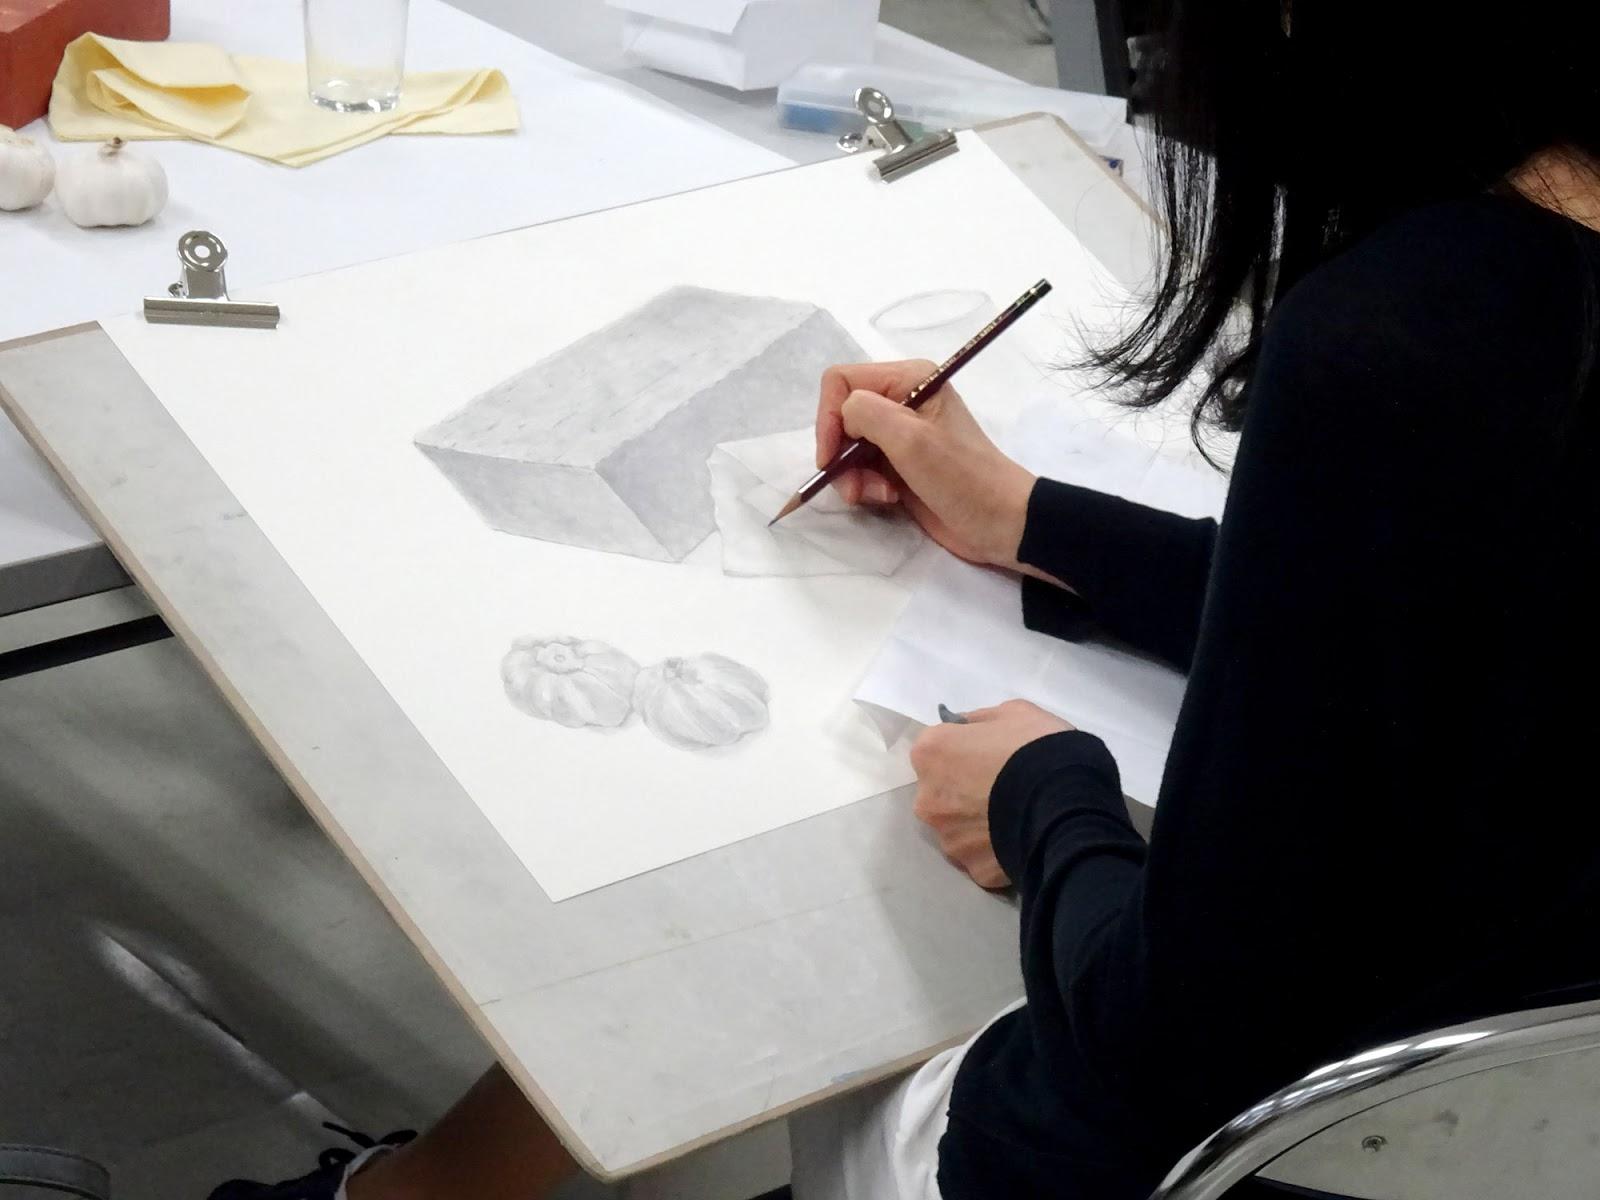 【日本画コース】スクーリング「鉛筆写生」京都開講の様子